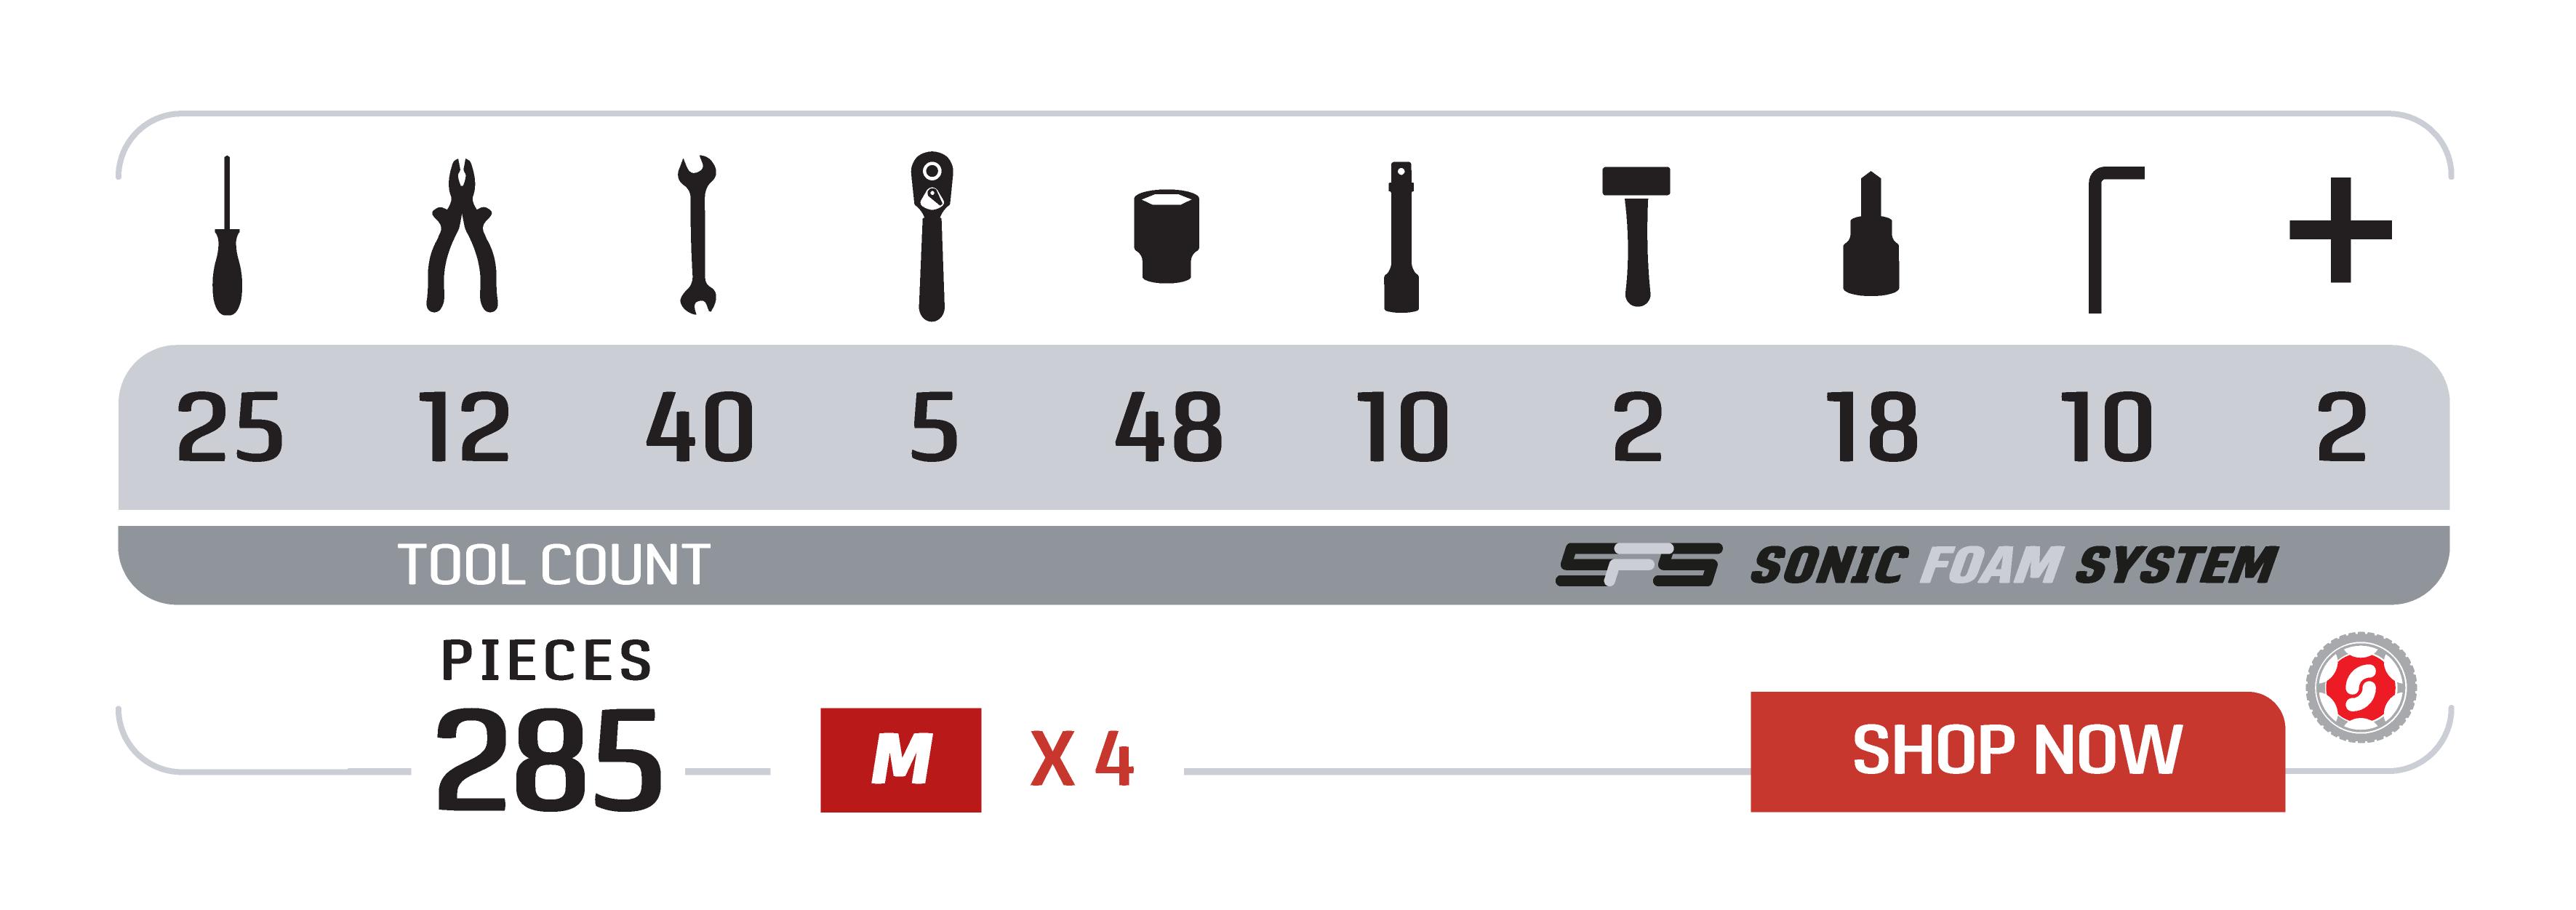 S9-285-BA-2A-MX4-32.PNG